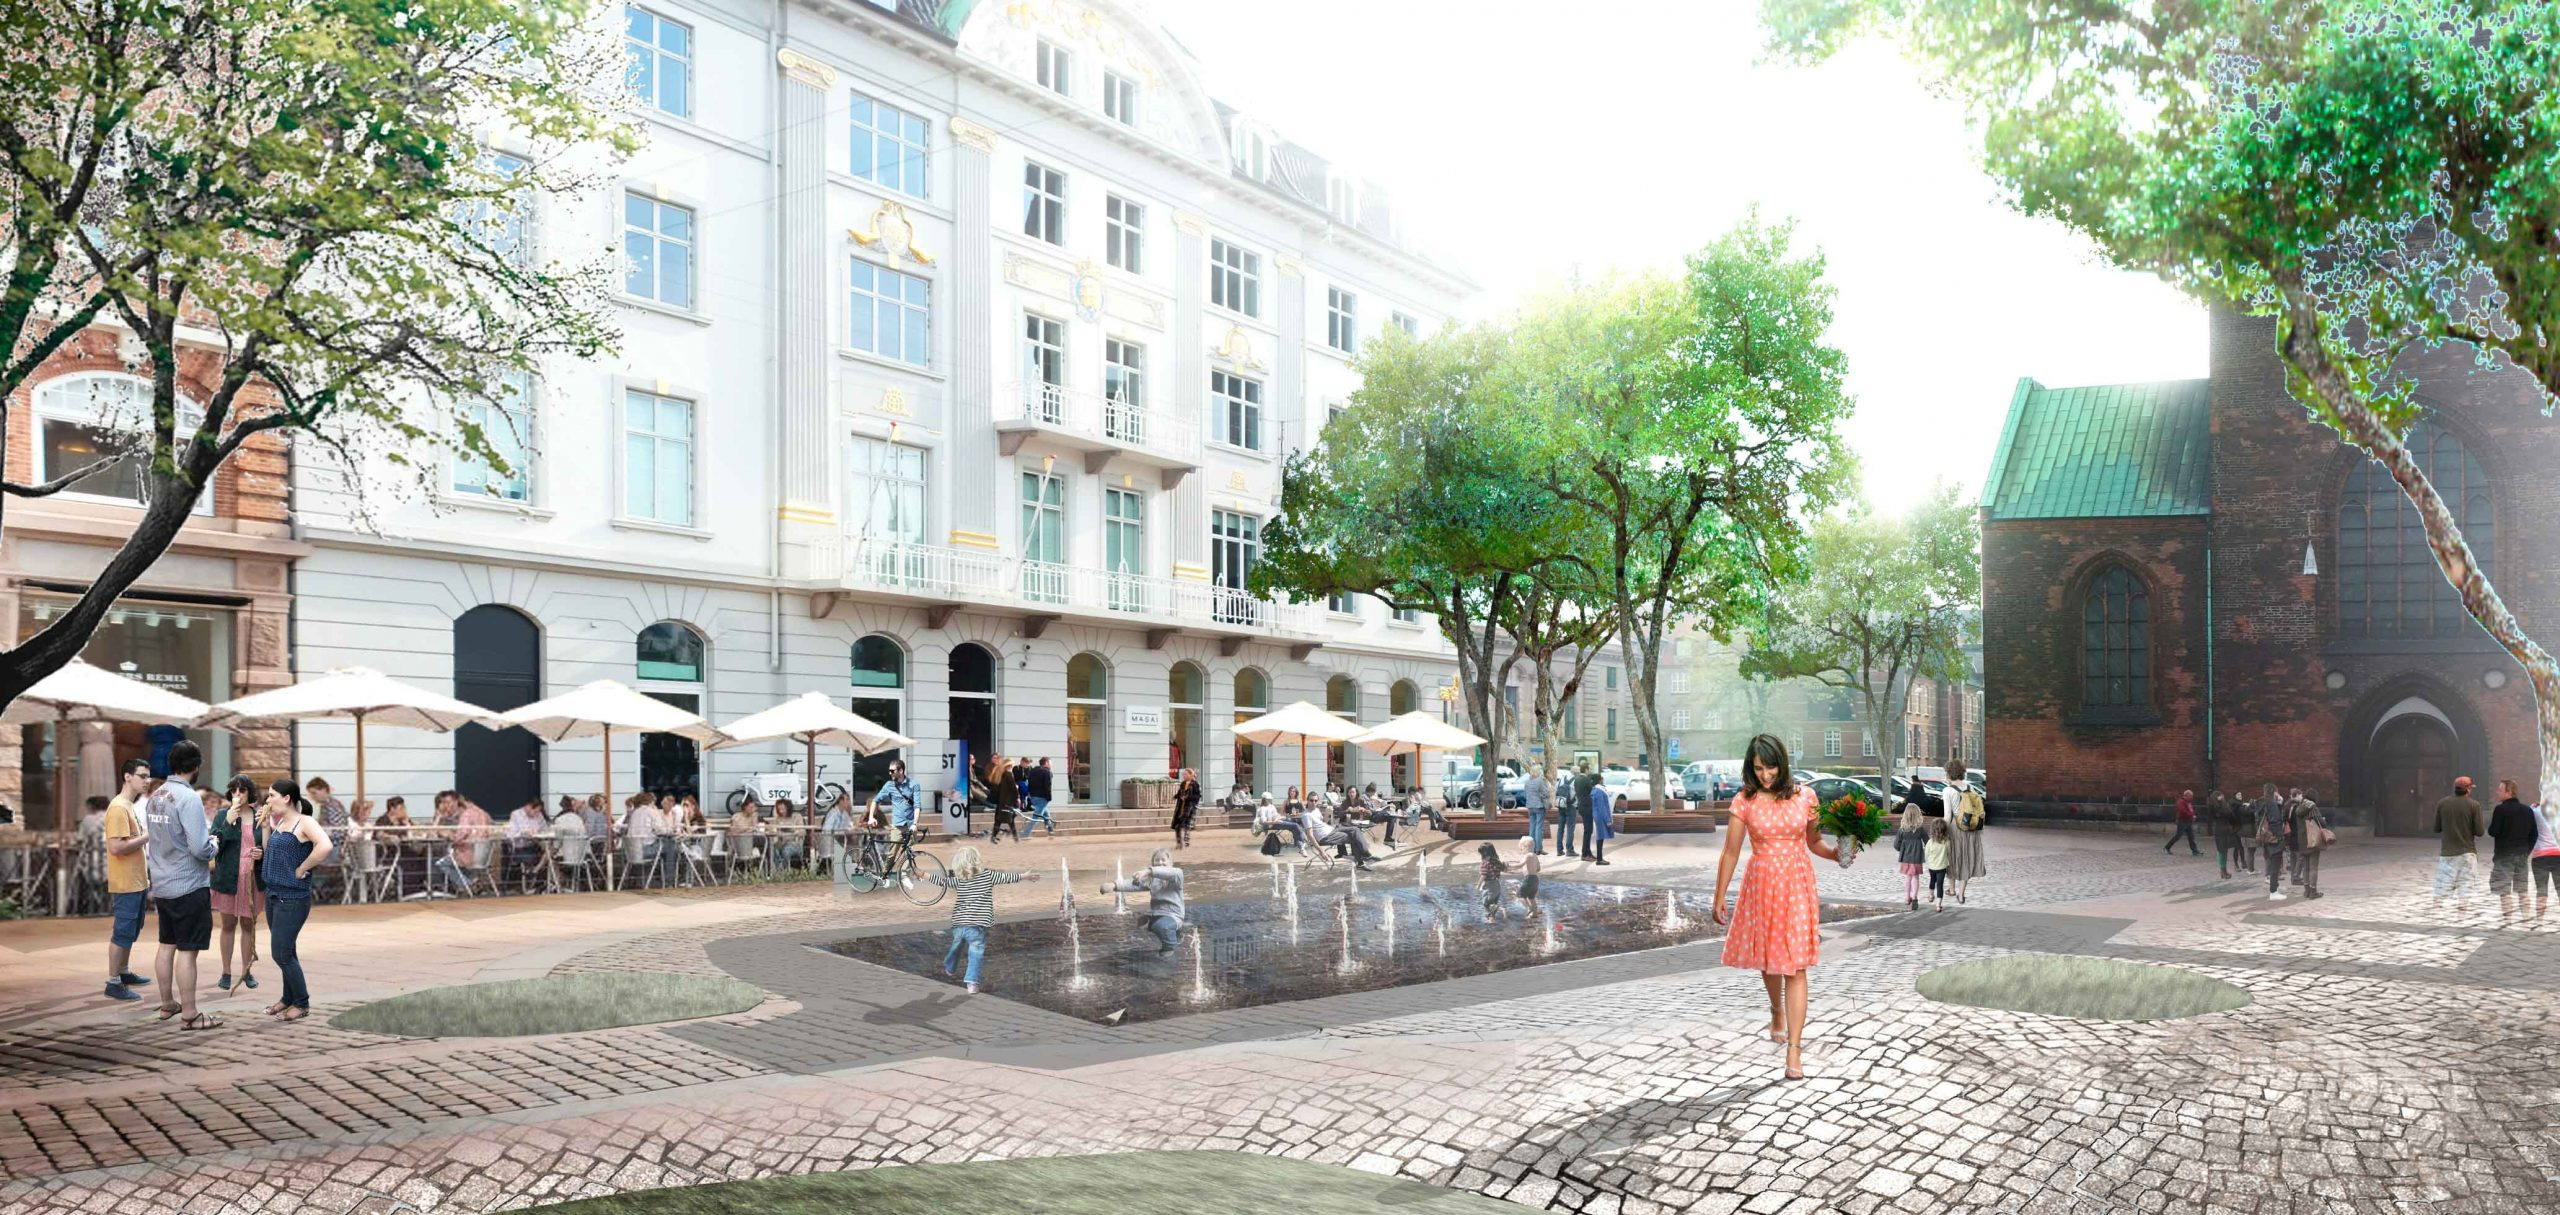 Omdannelse af Store Torv og Lille Torv: Rådmand vil genoplive byens historiske hjerte